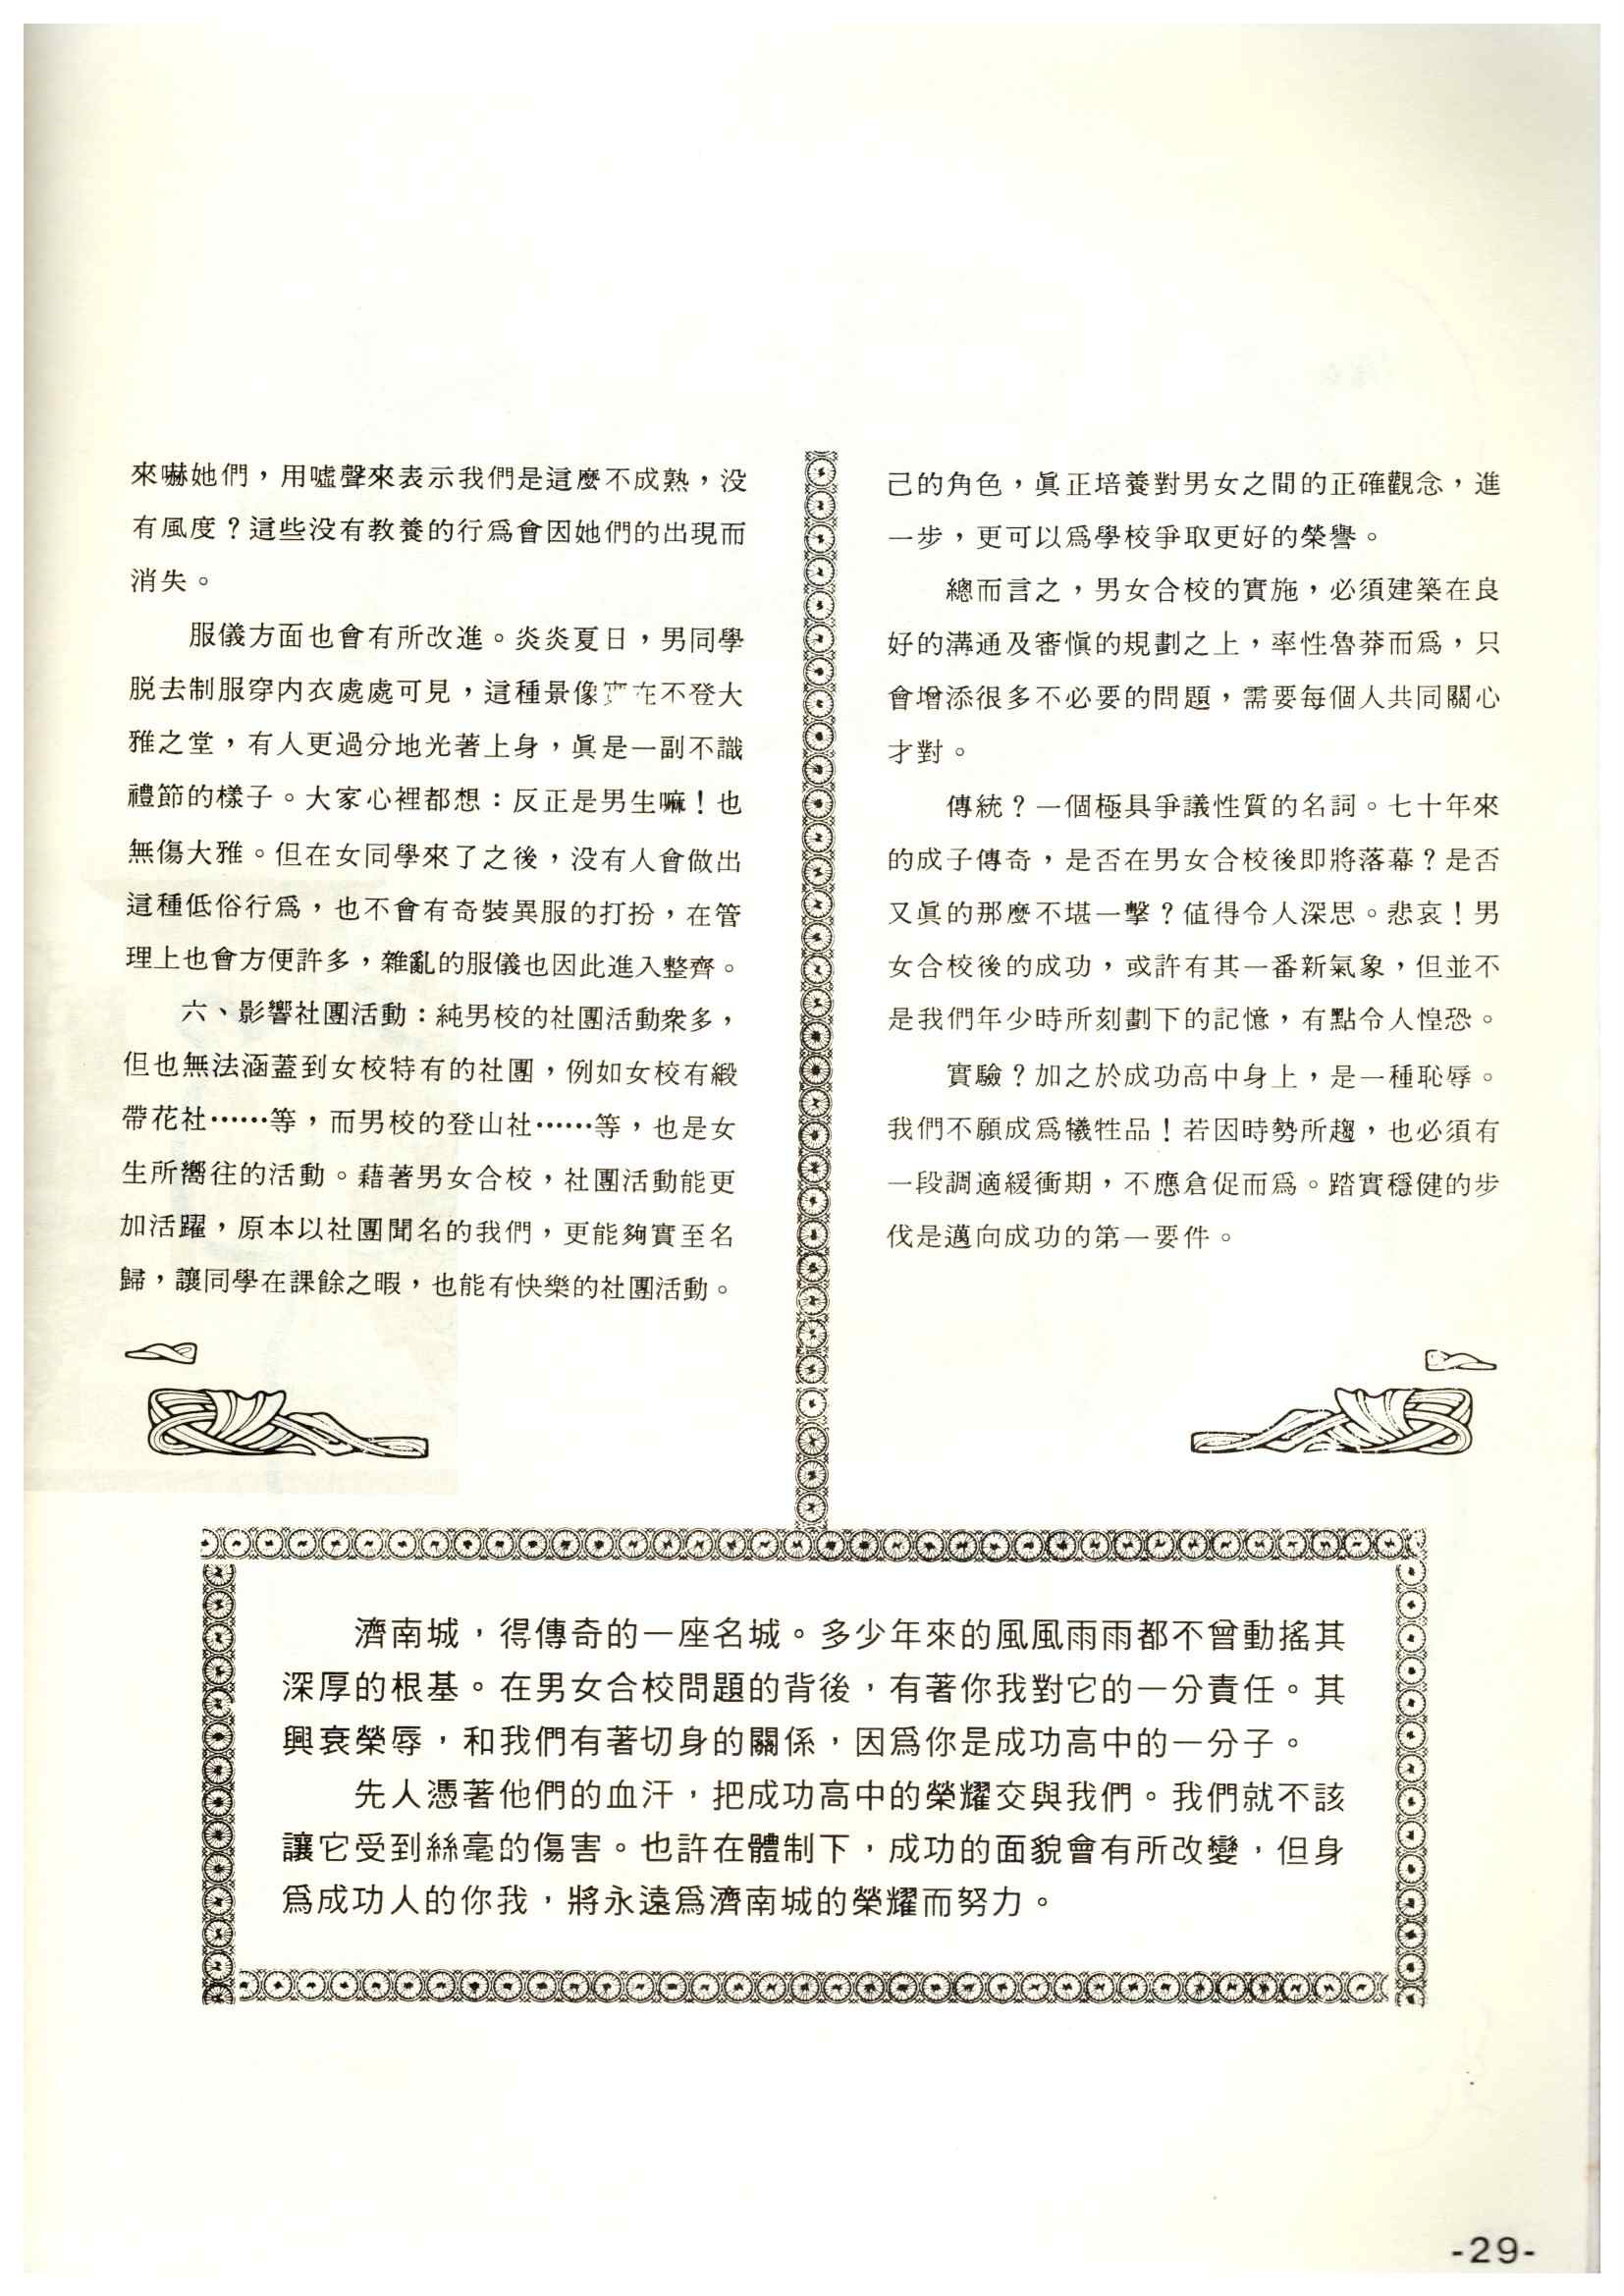 《成功青年122》p.29